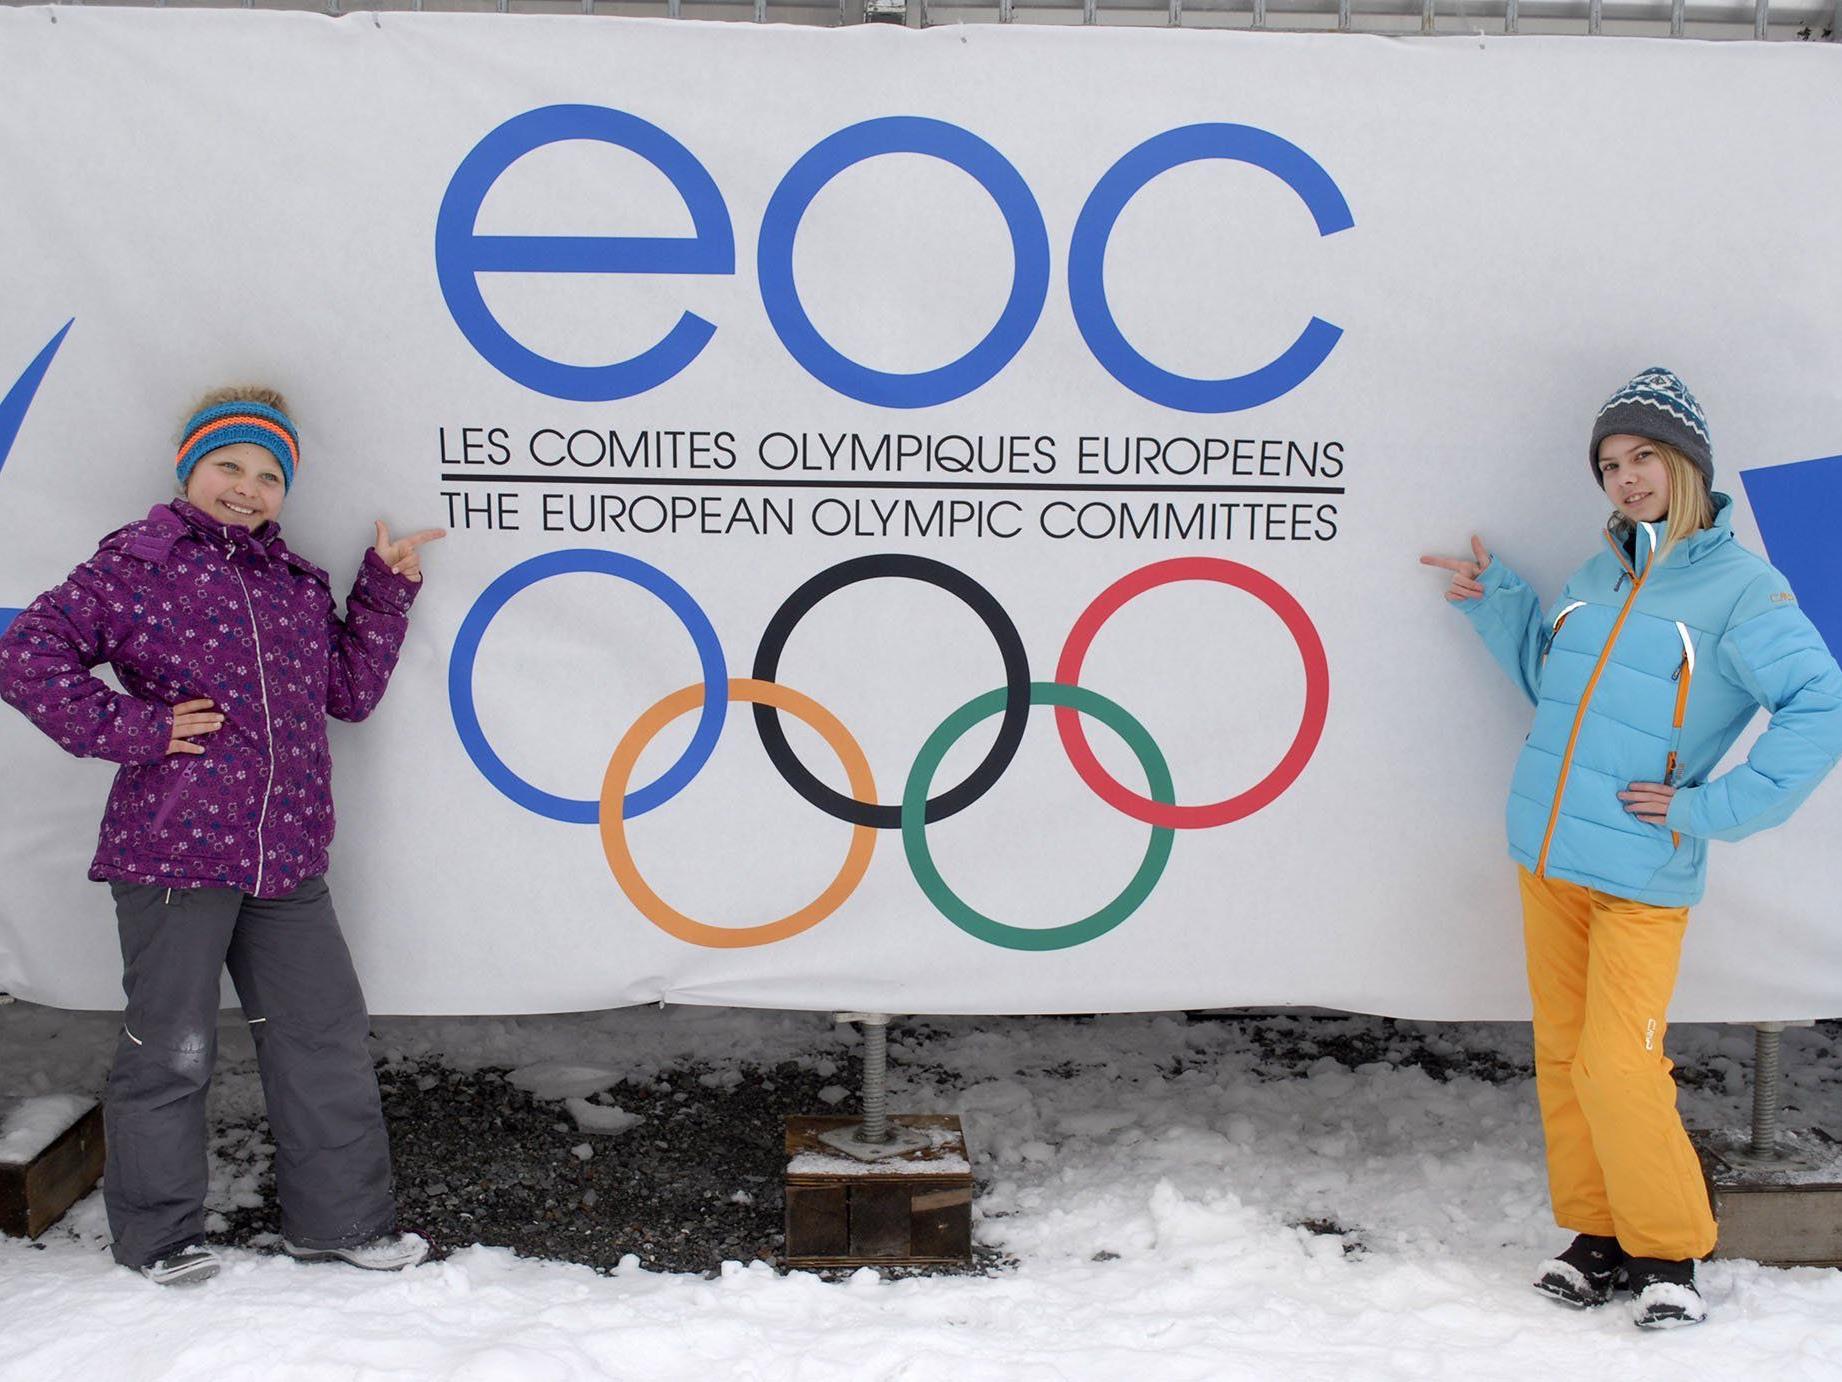 Groß ist die Vorfreude auf die EYOF 2015 auch bei diesen beiden Montafonerinnen.